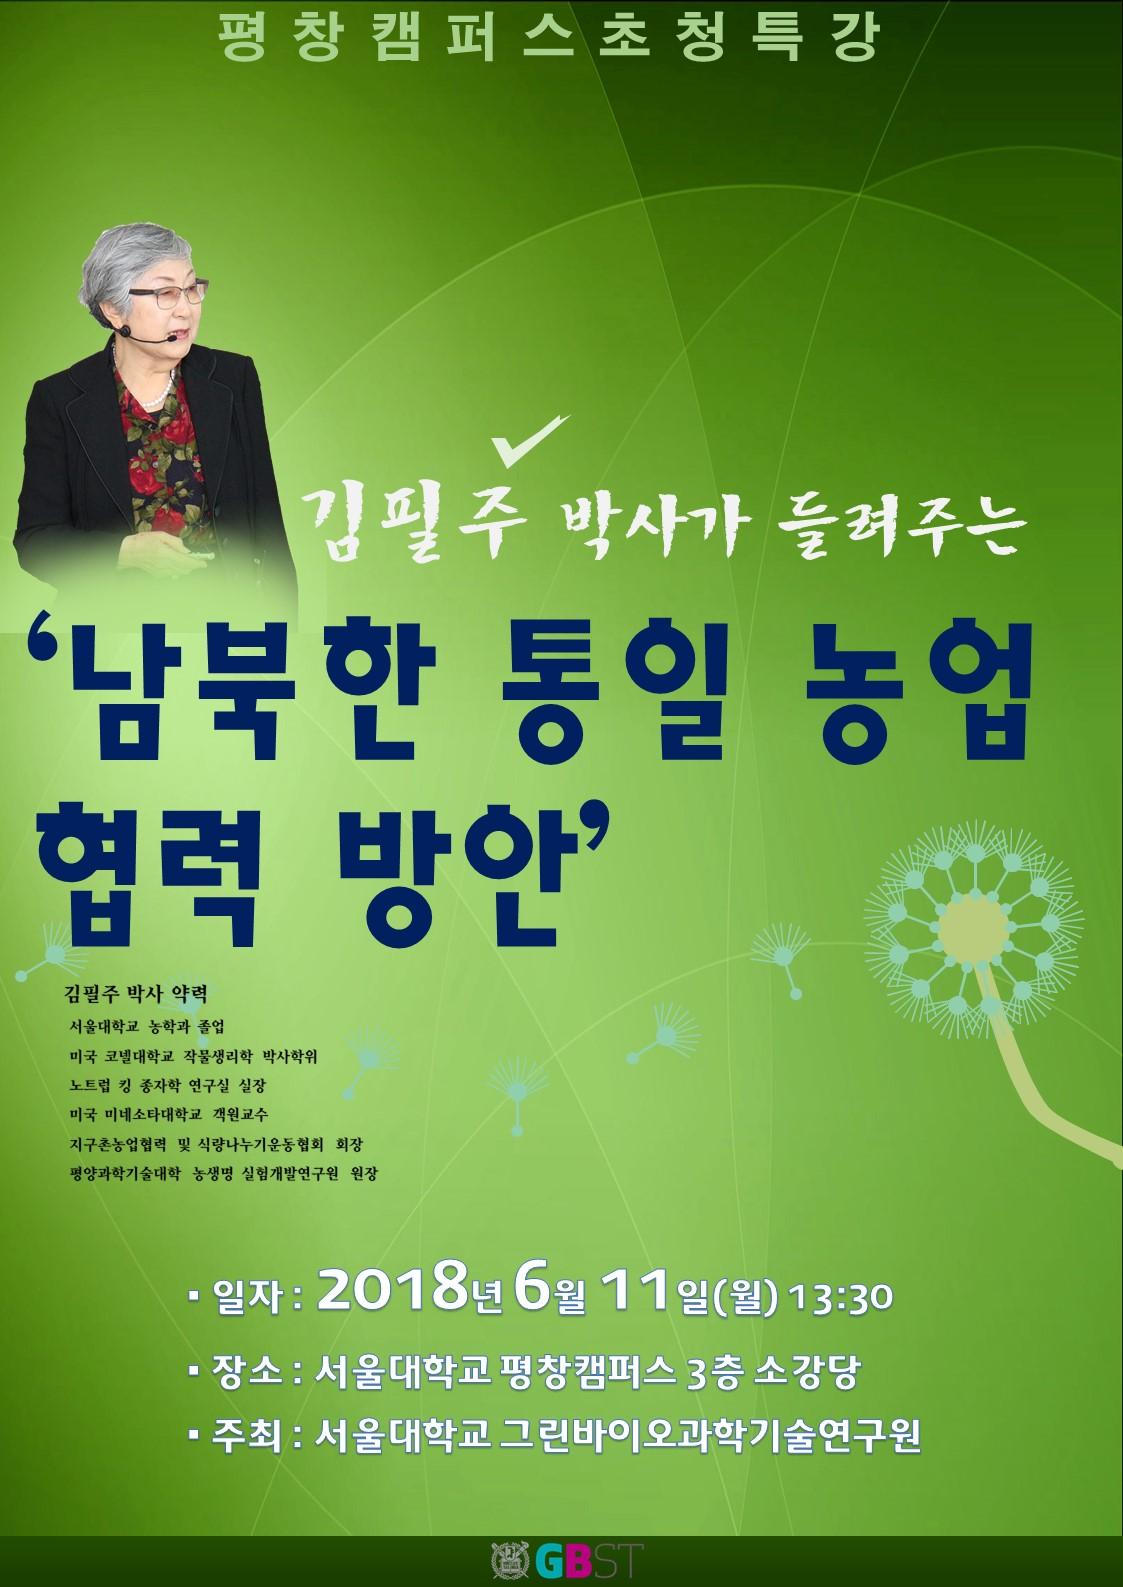 김필주 박사가 들려주는 남북한 통일 농업 협력 방안